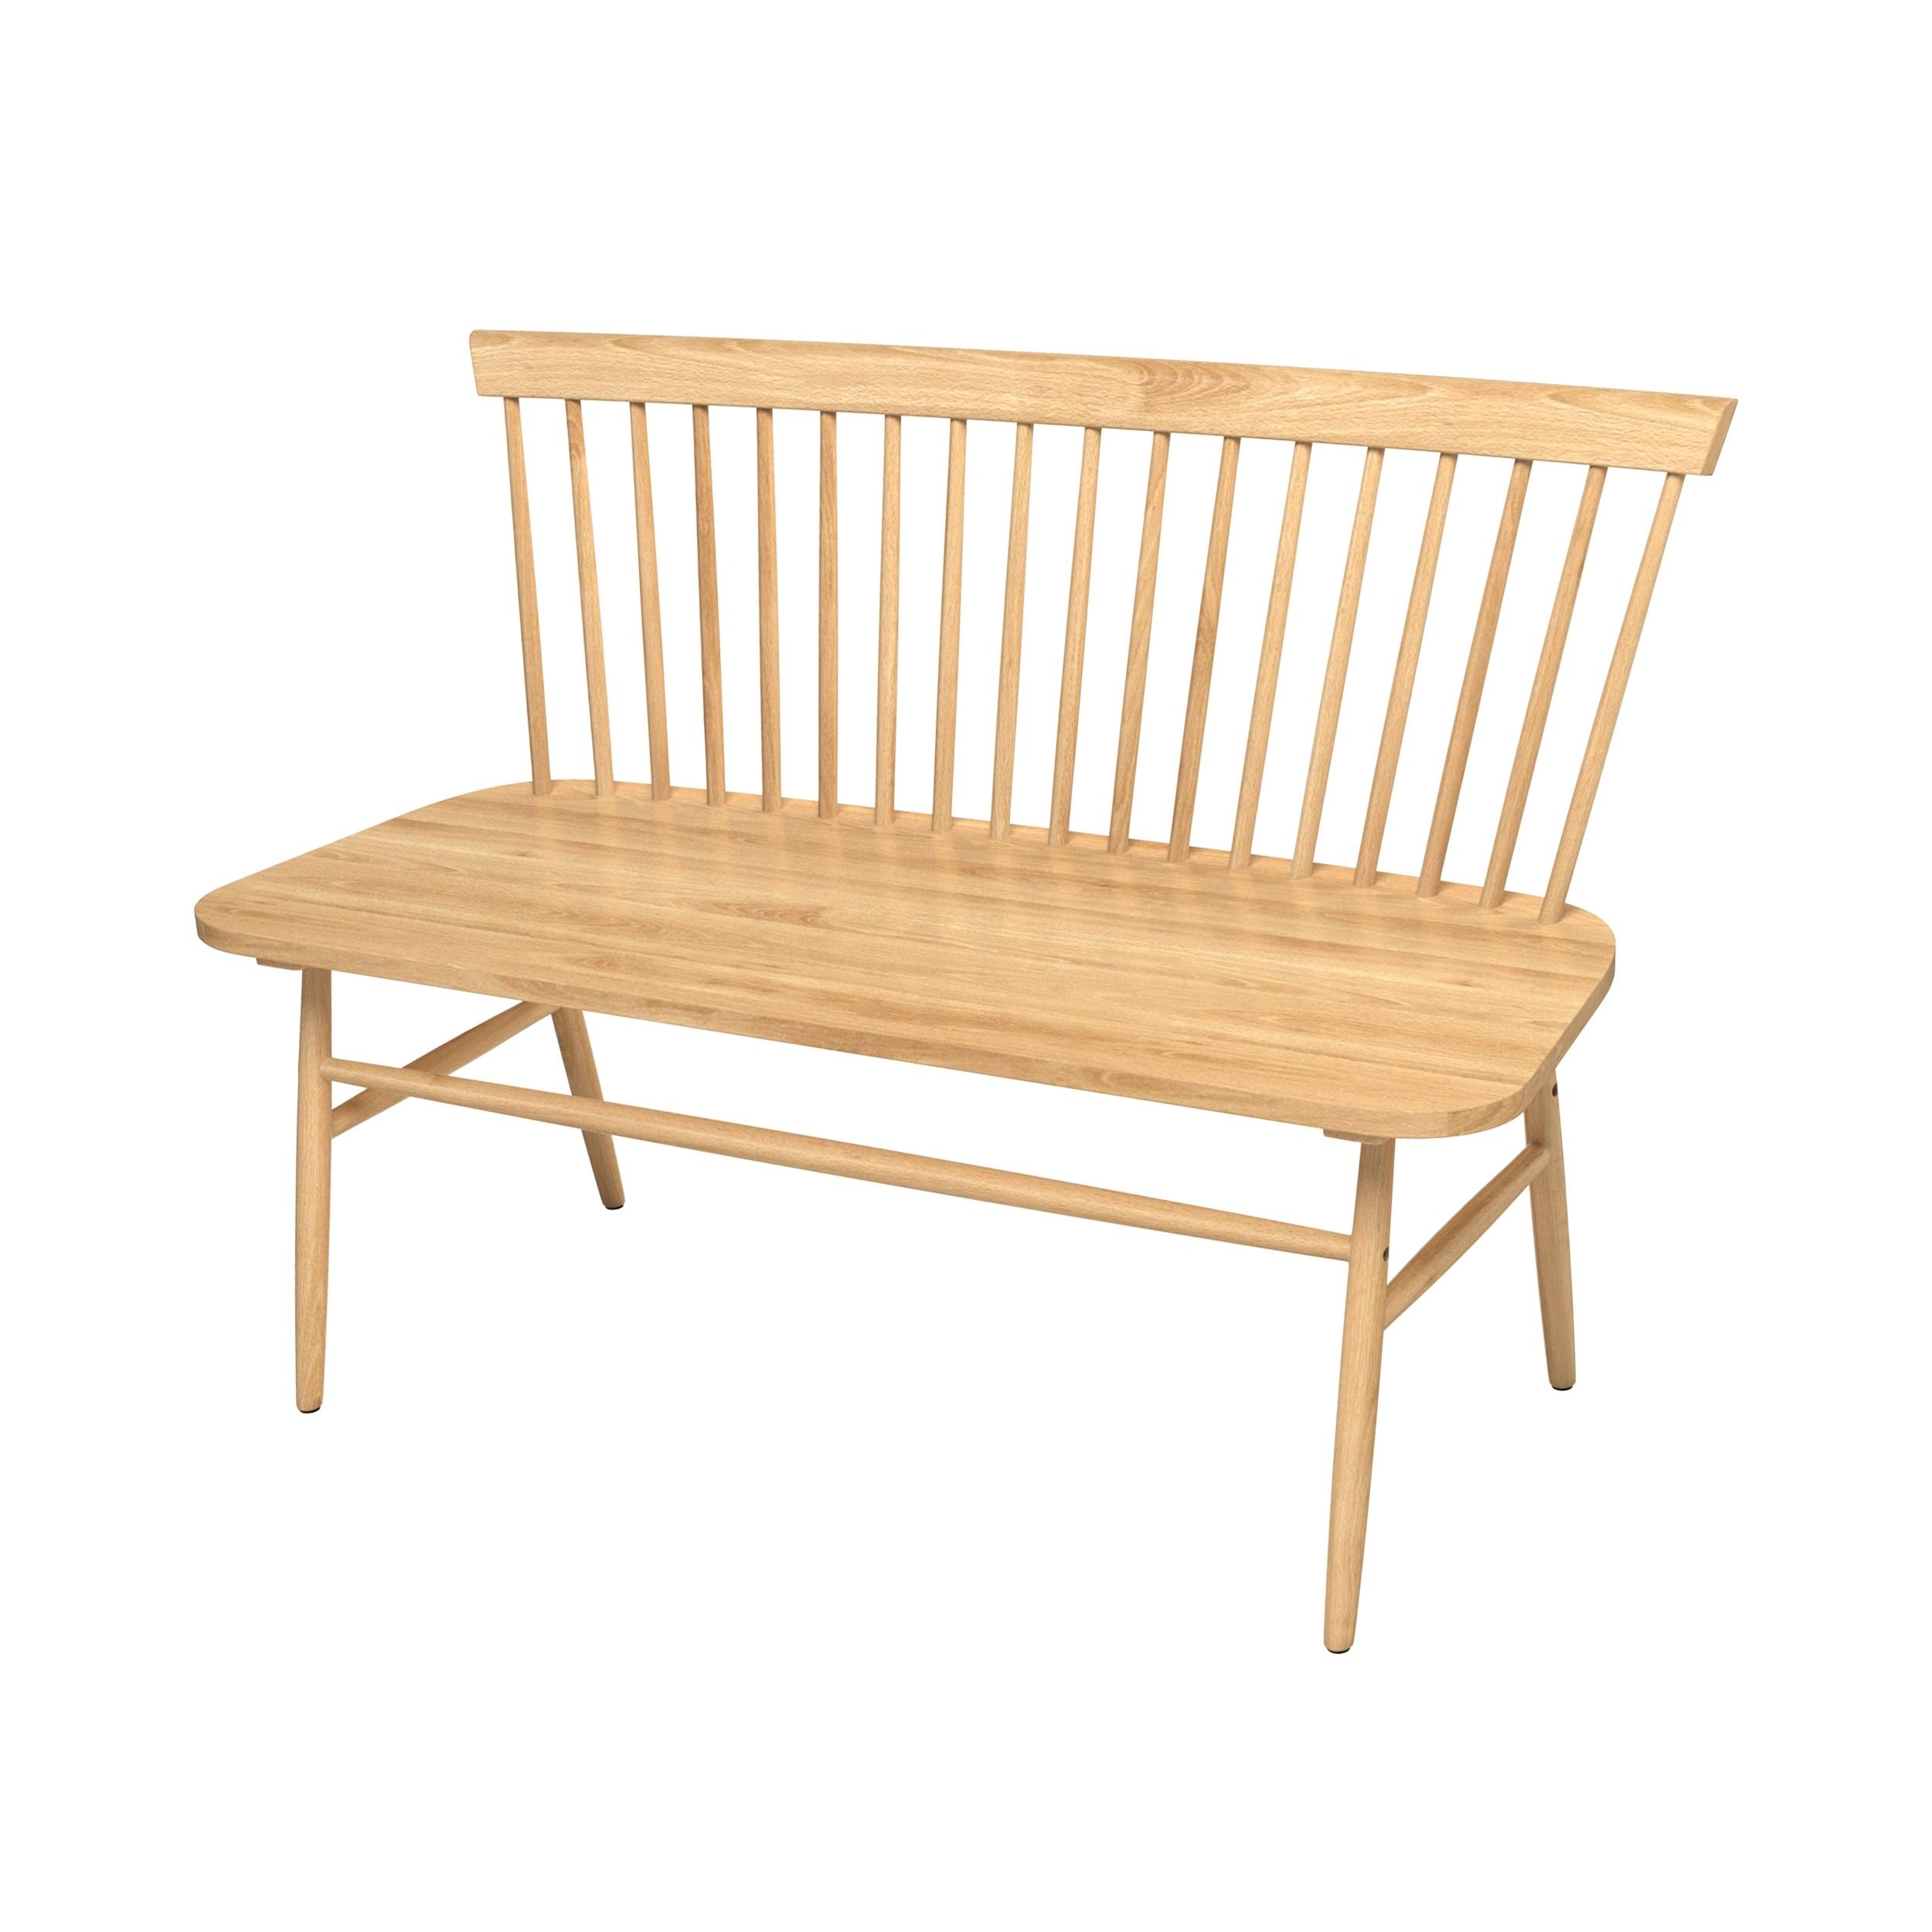 acheter banc confortable en bois